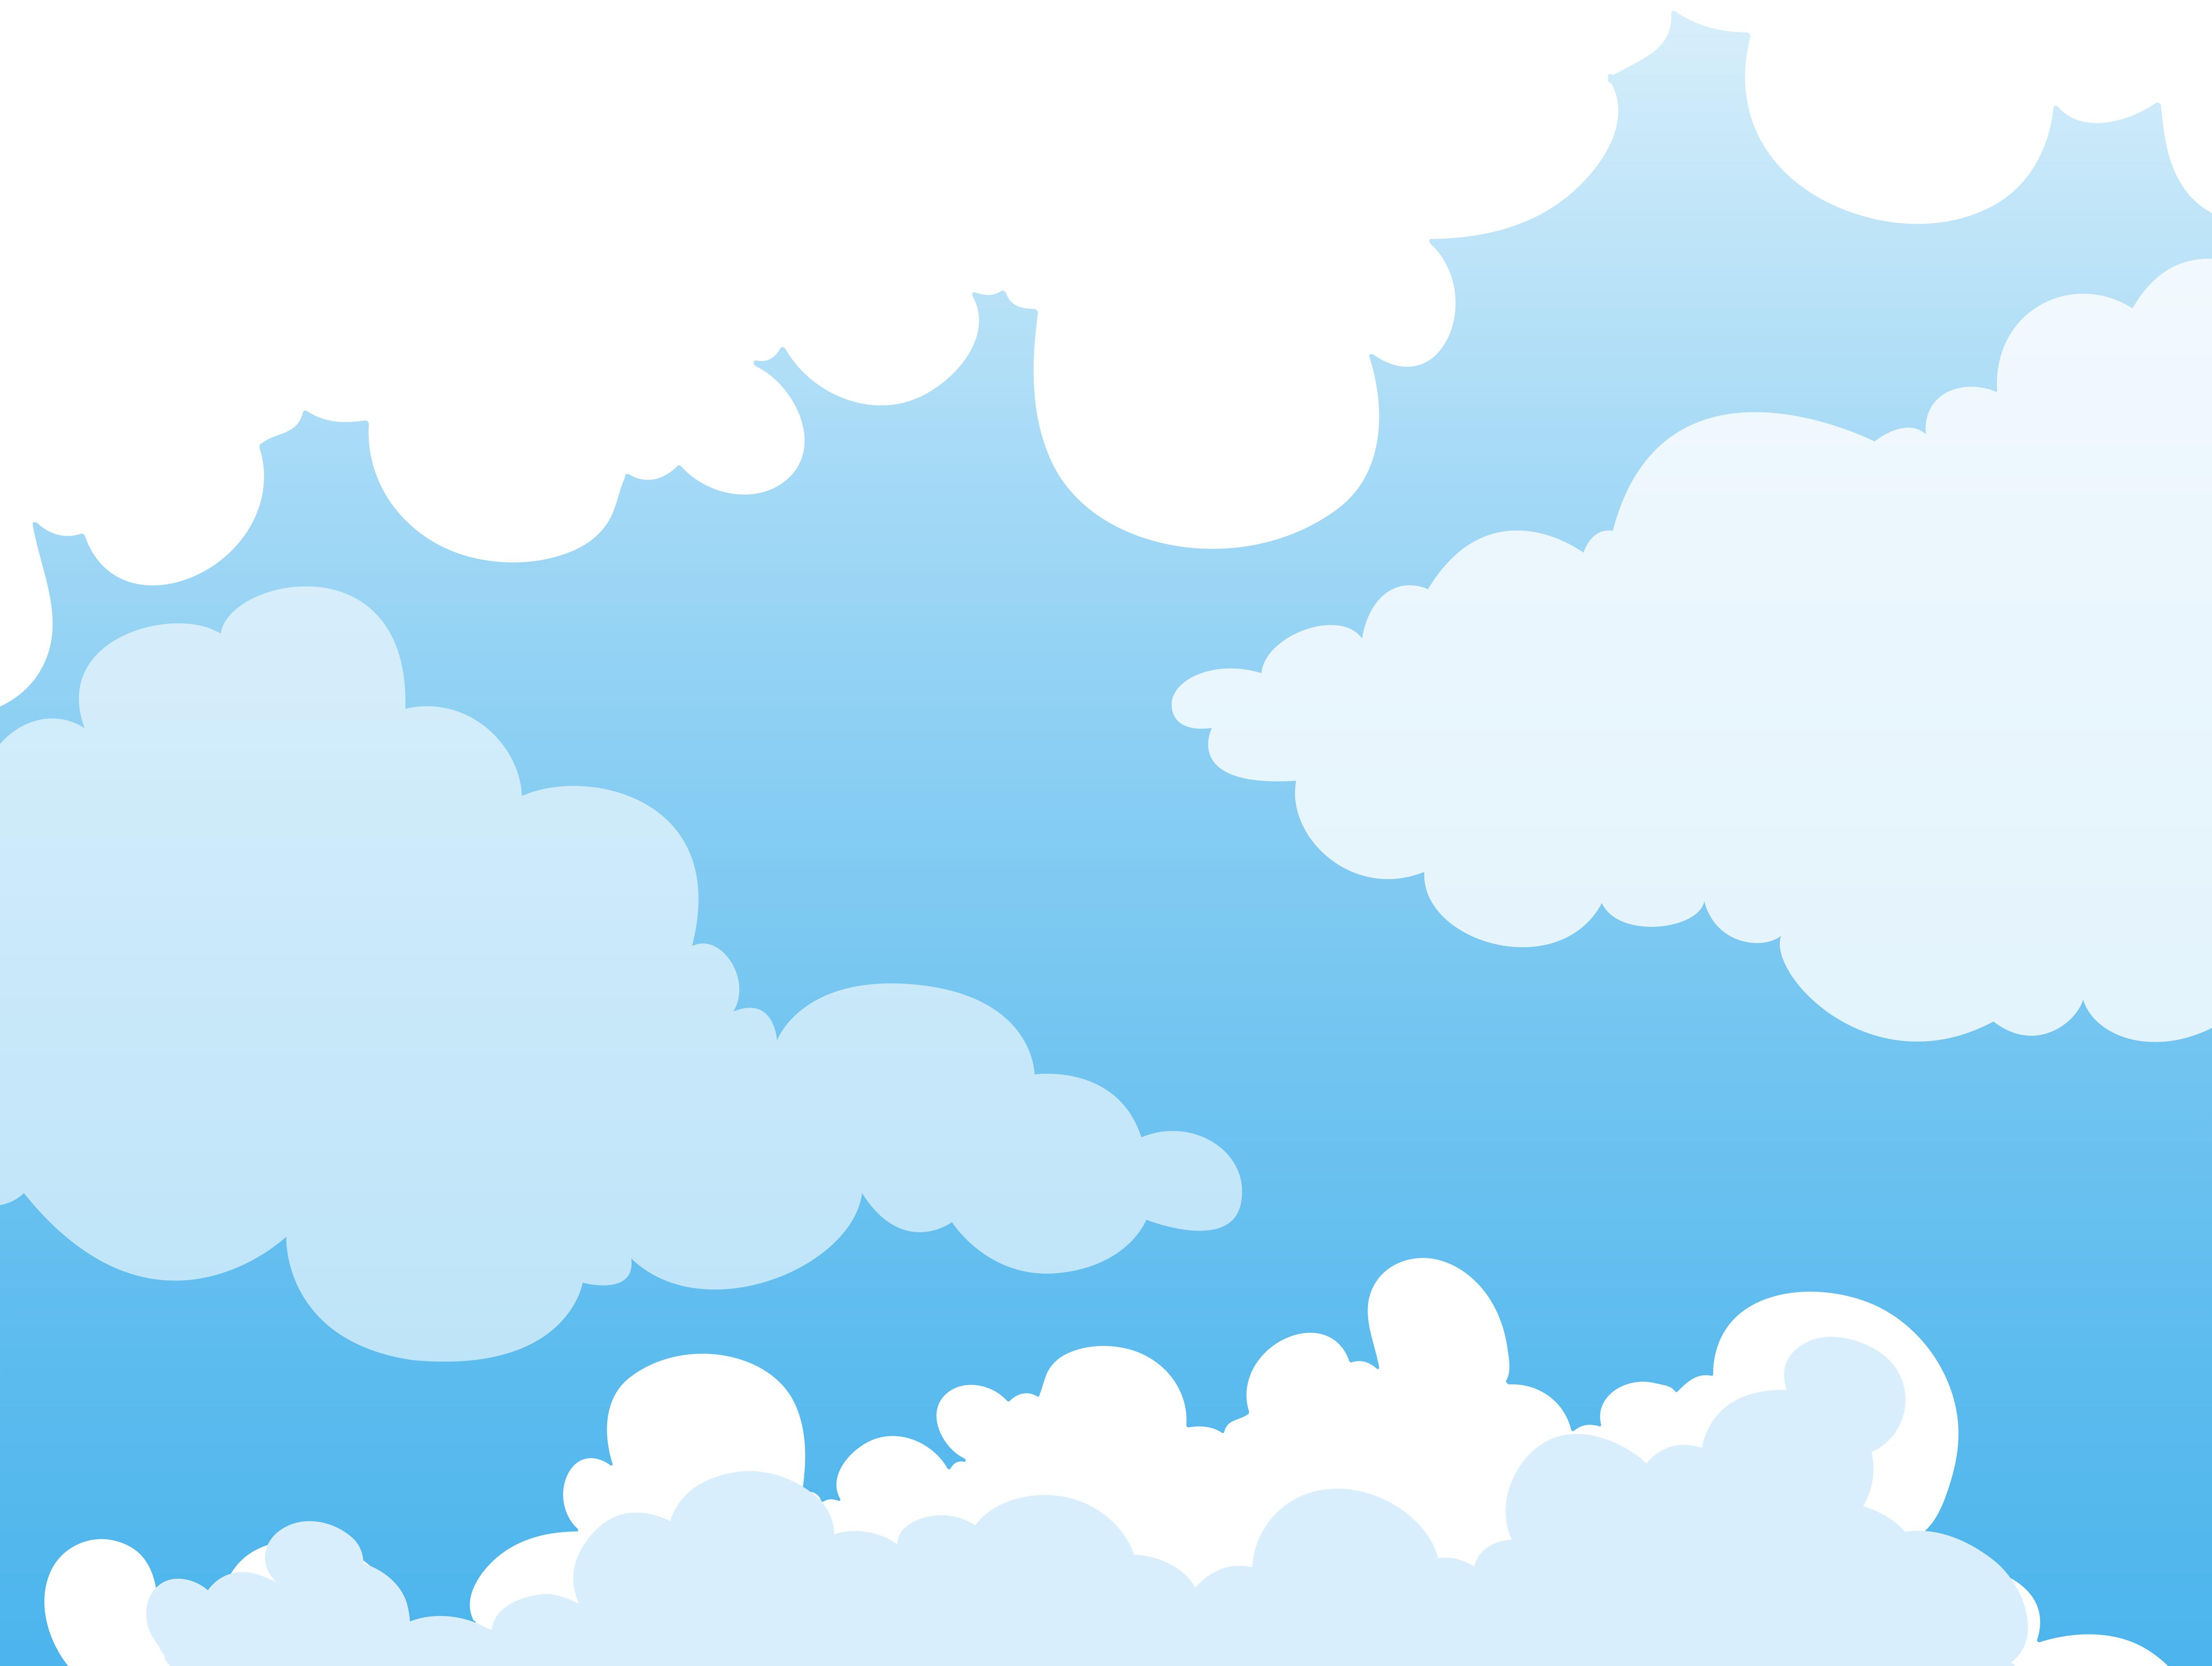 Design De Plano De Fundo Com Nuvens No Ceu Azul Download Vetores